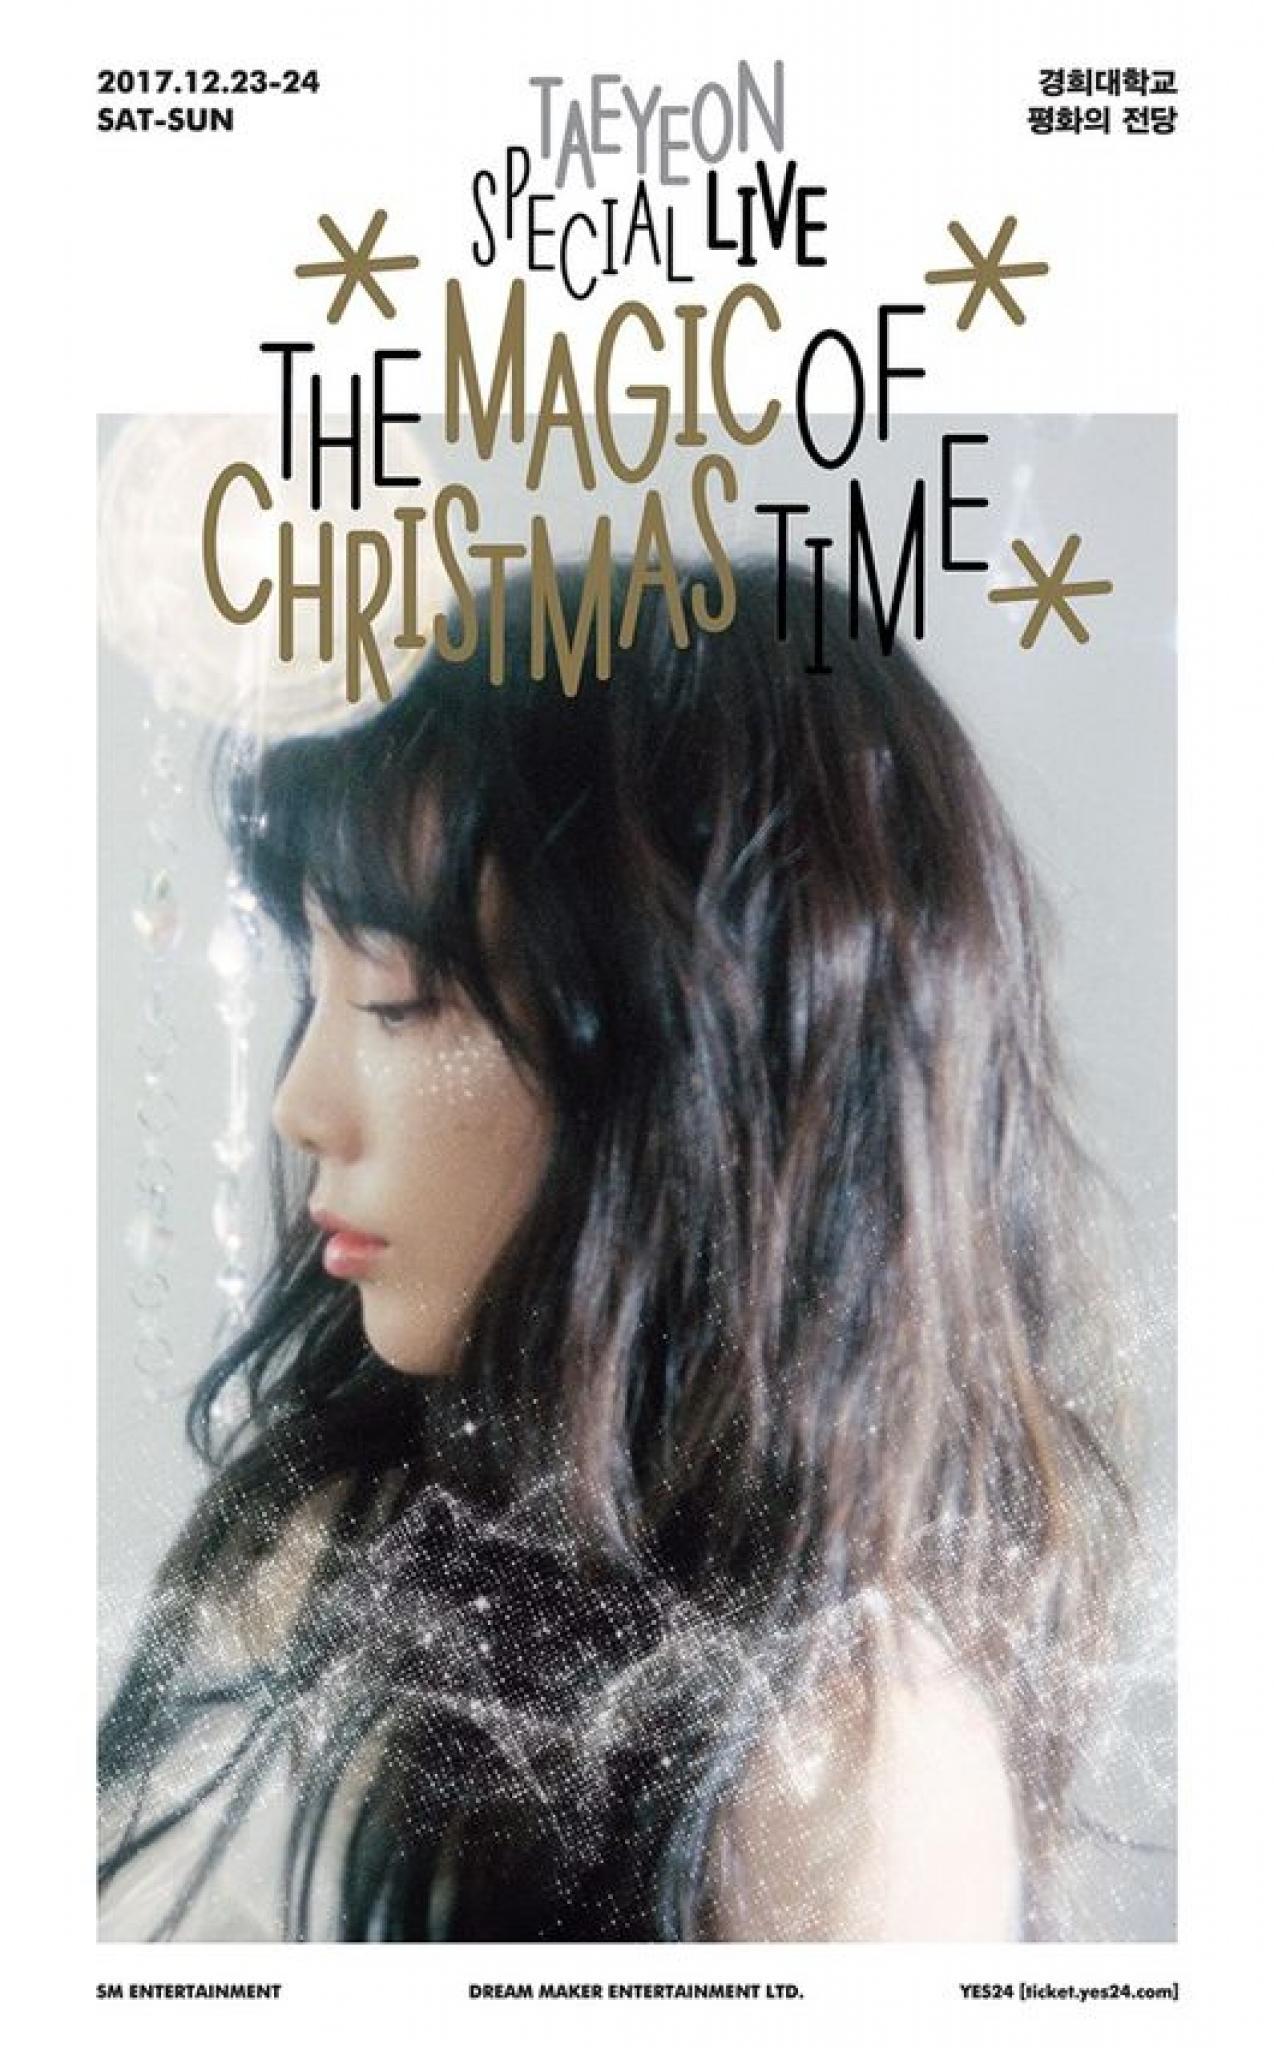 태연 콘서트, '크리스마스 스페셜' 라이브 공연 선보인다